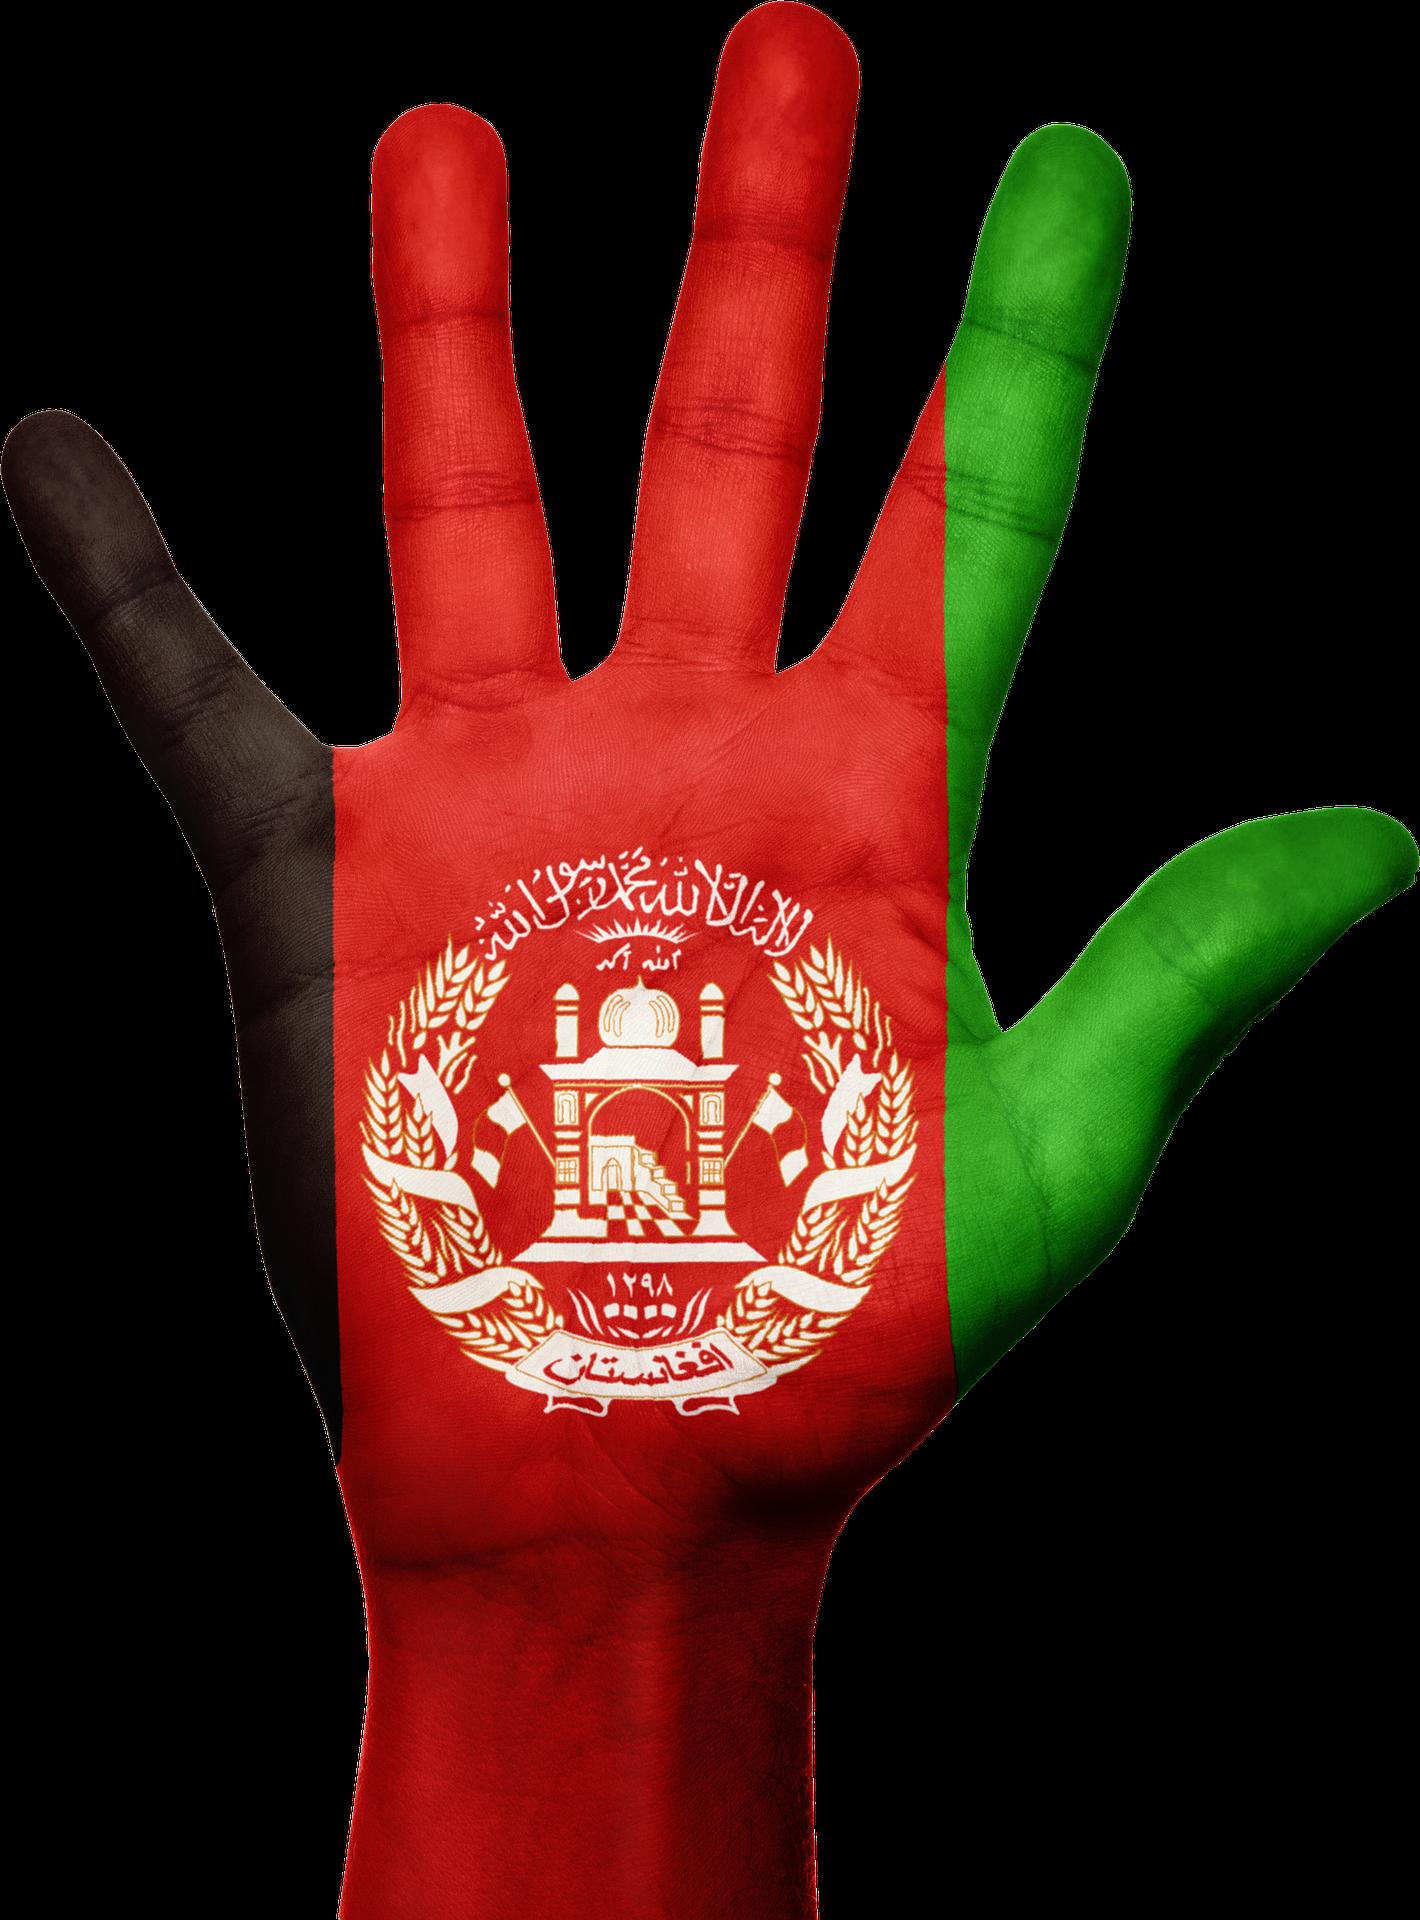 Quokeleg Situatioun am Afghanistan!